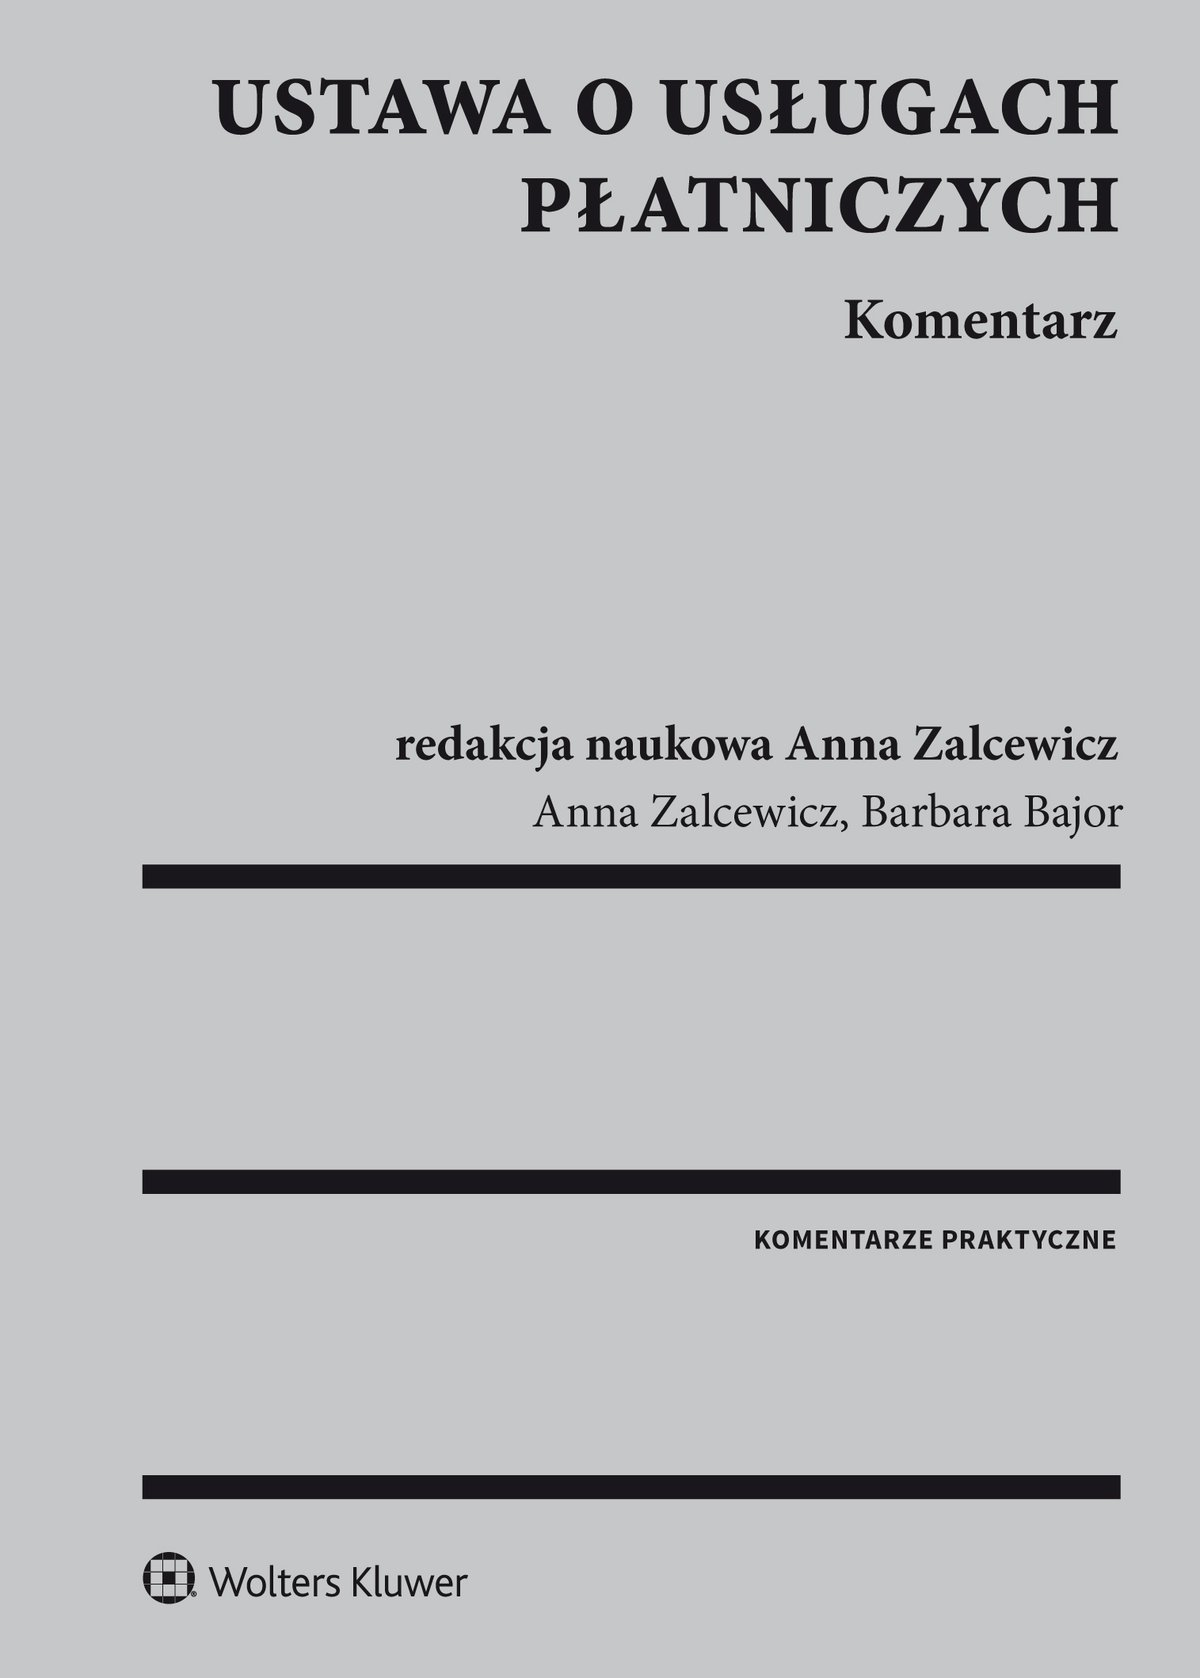 Ustawa o usługach płatniczych. Komentarz - Ebook (Książka PDF) do pobrania w formacie PDF